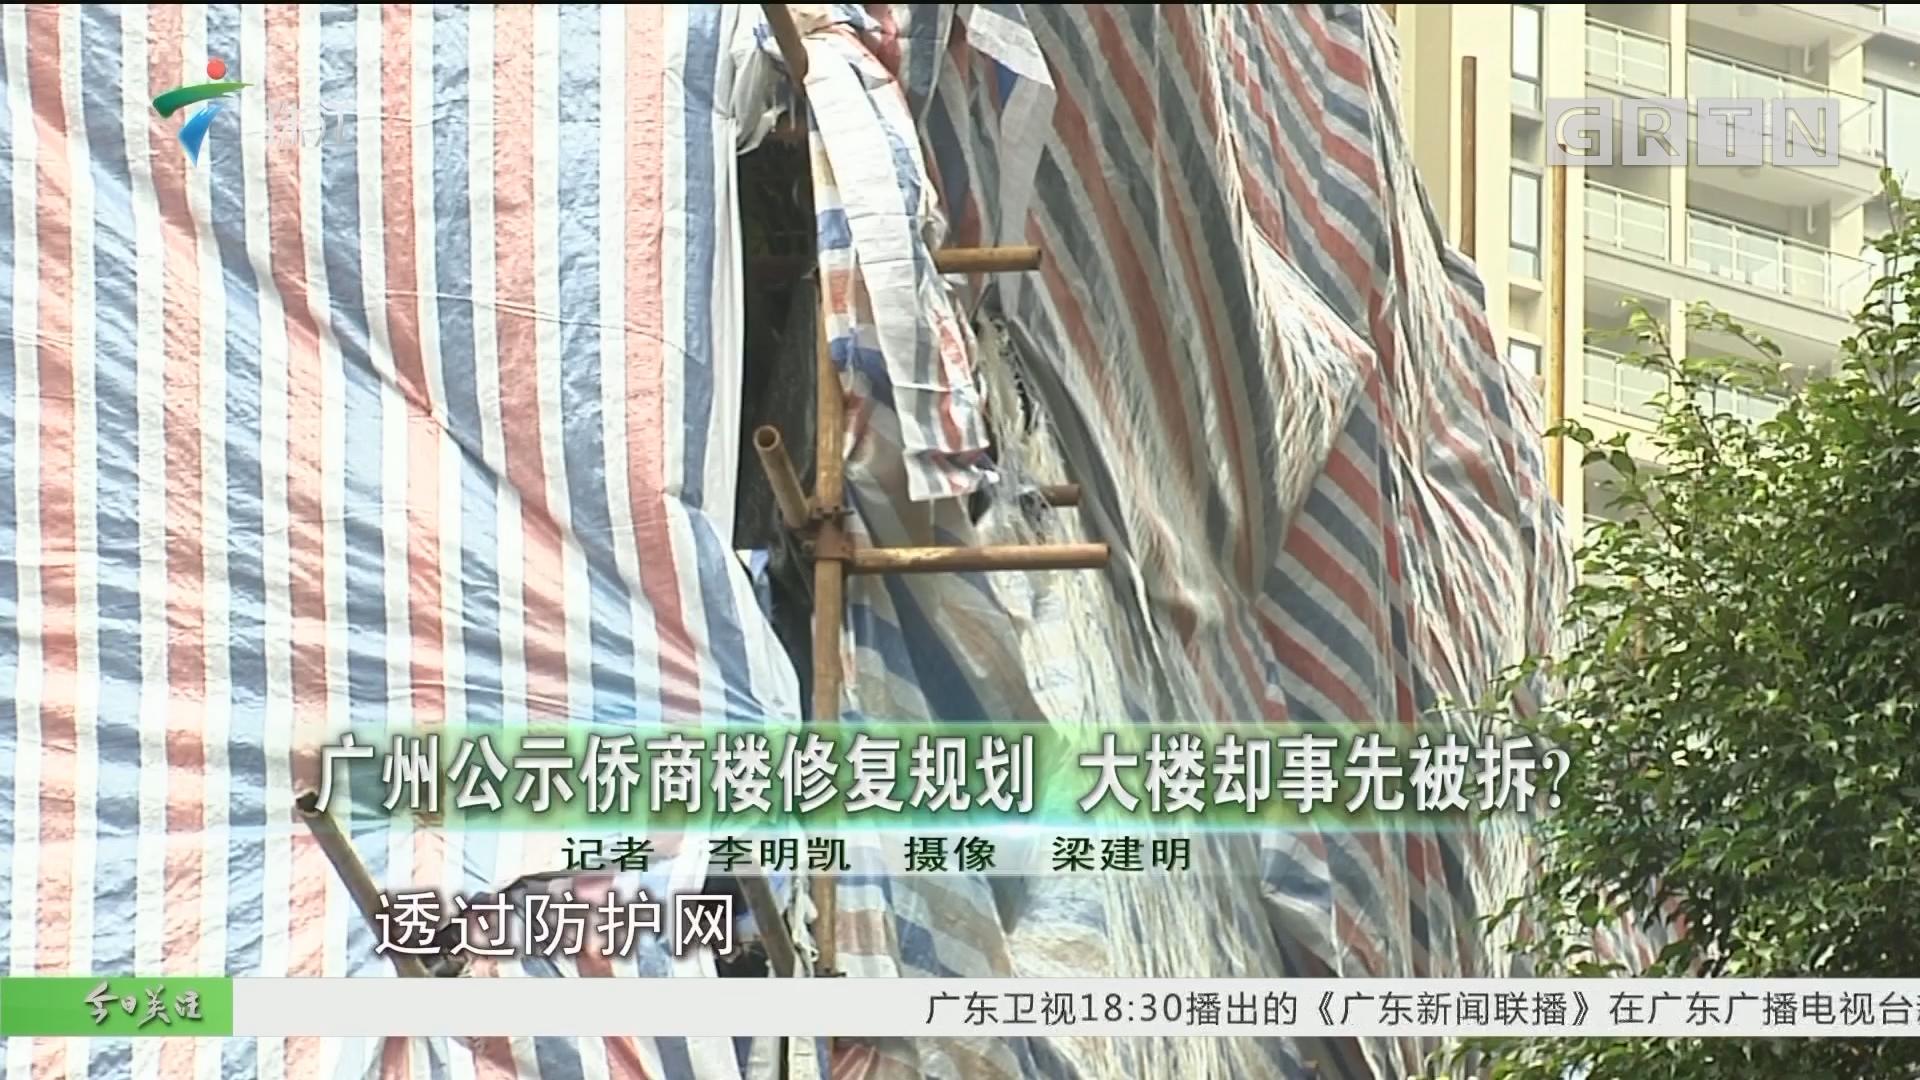 广州公示侨商楼修复规划 大楼却事先被拆?